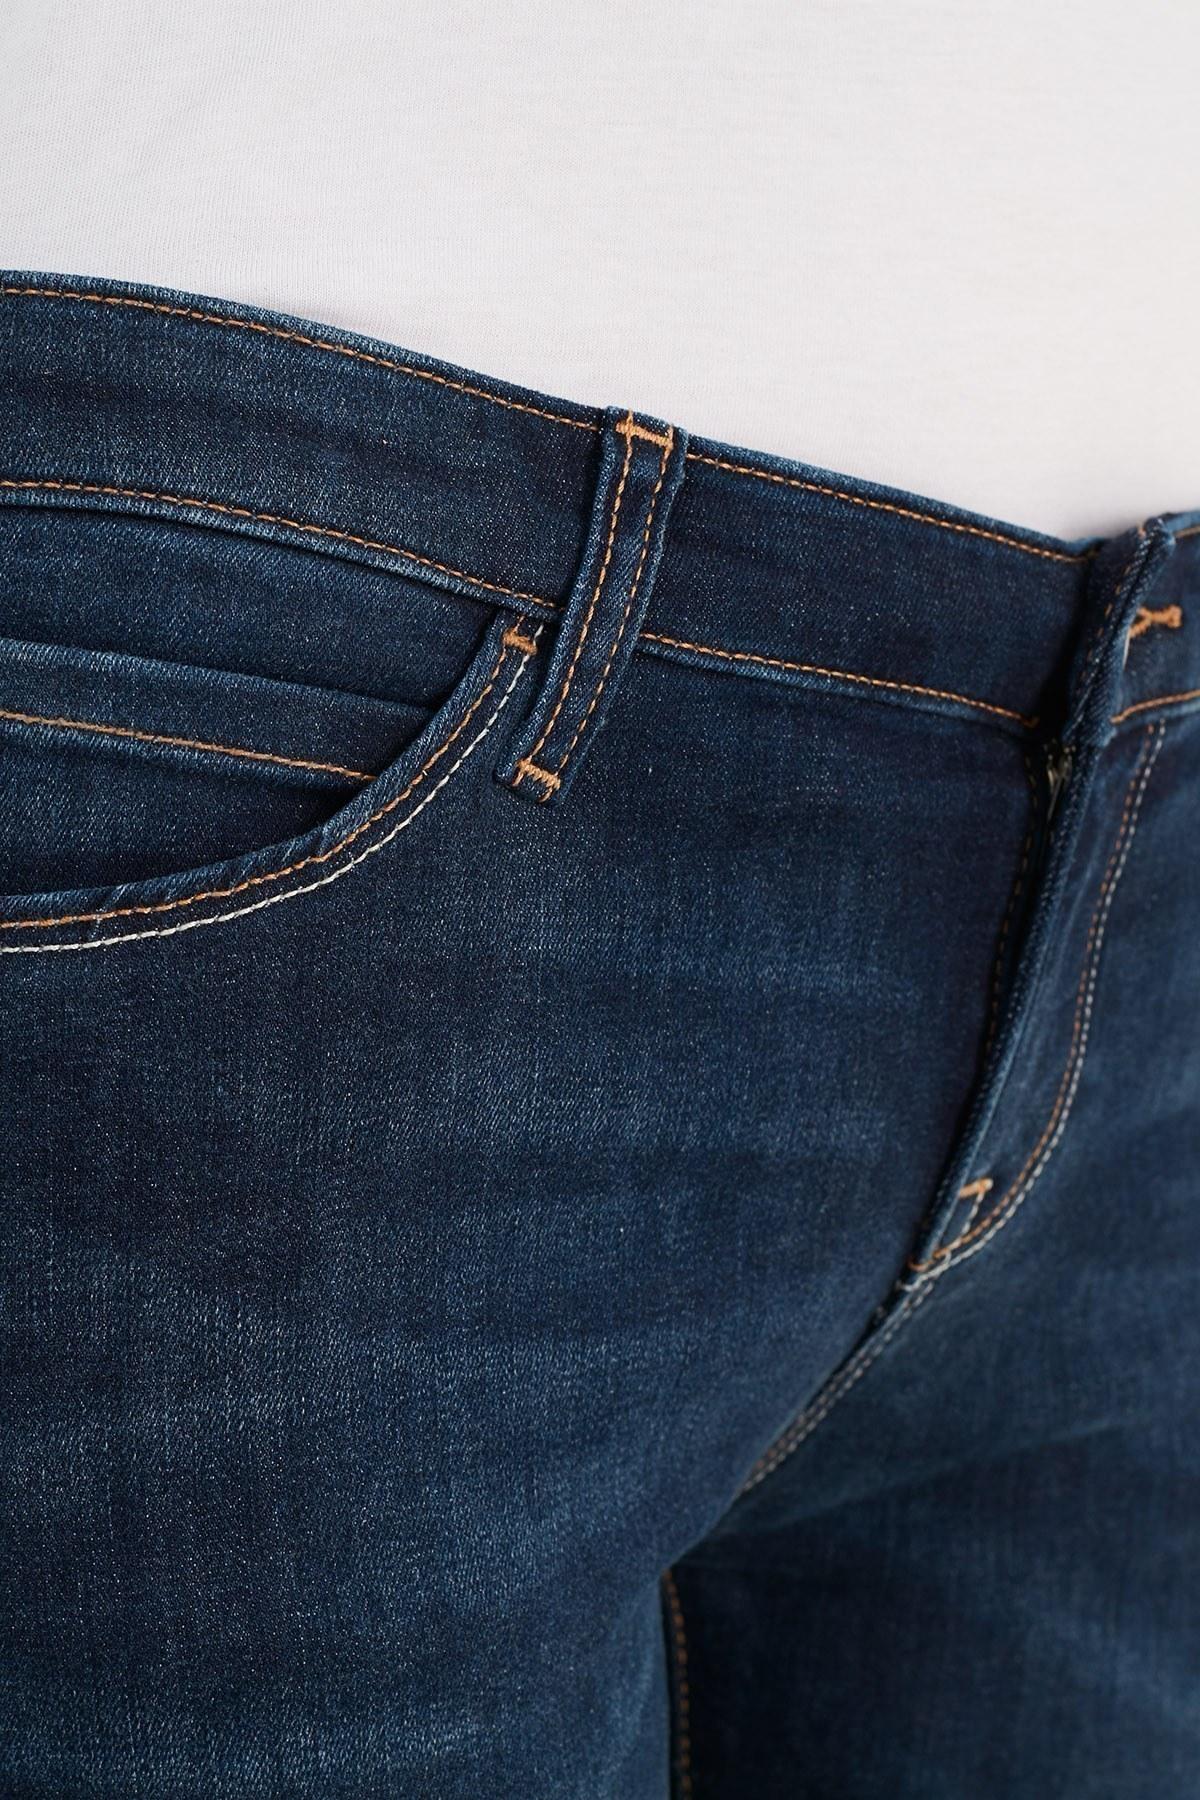 Emporio Armani Skinny Pamuklu J06 Jeans Bayan Kot Pantolon 3K2J06 2DE9Z 0941 LACİVERT